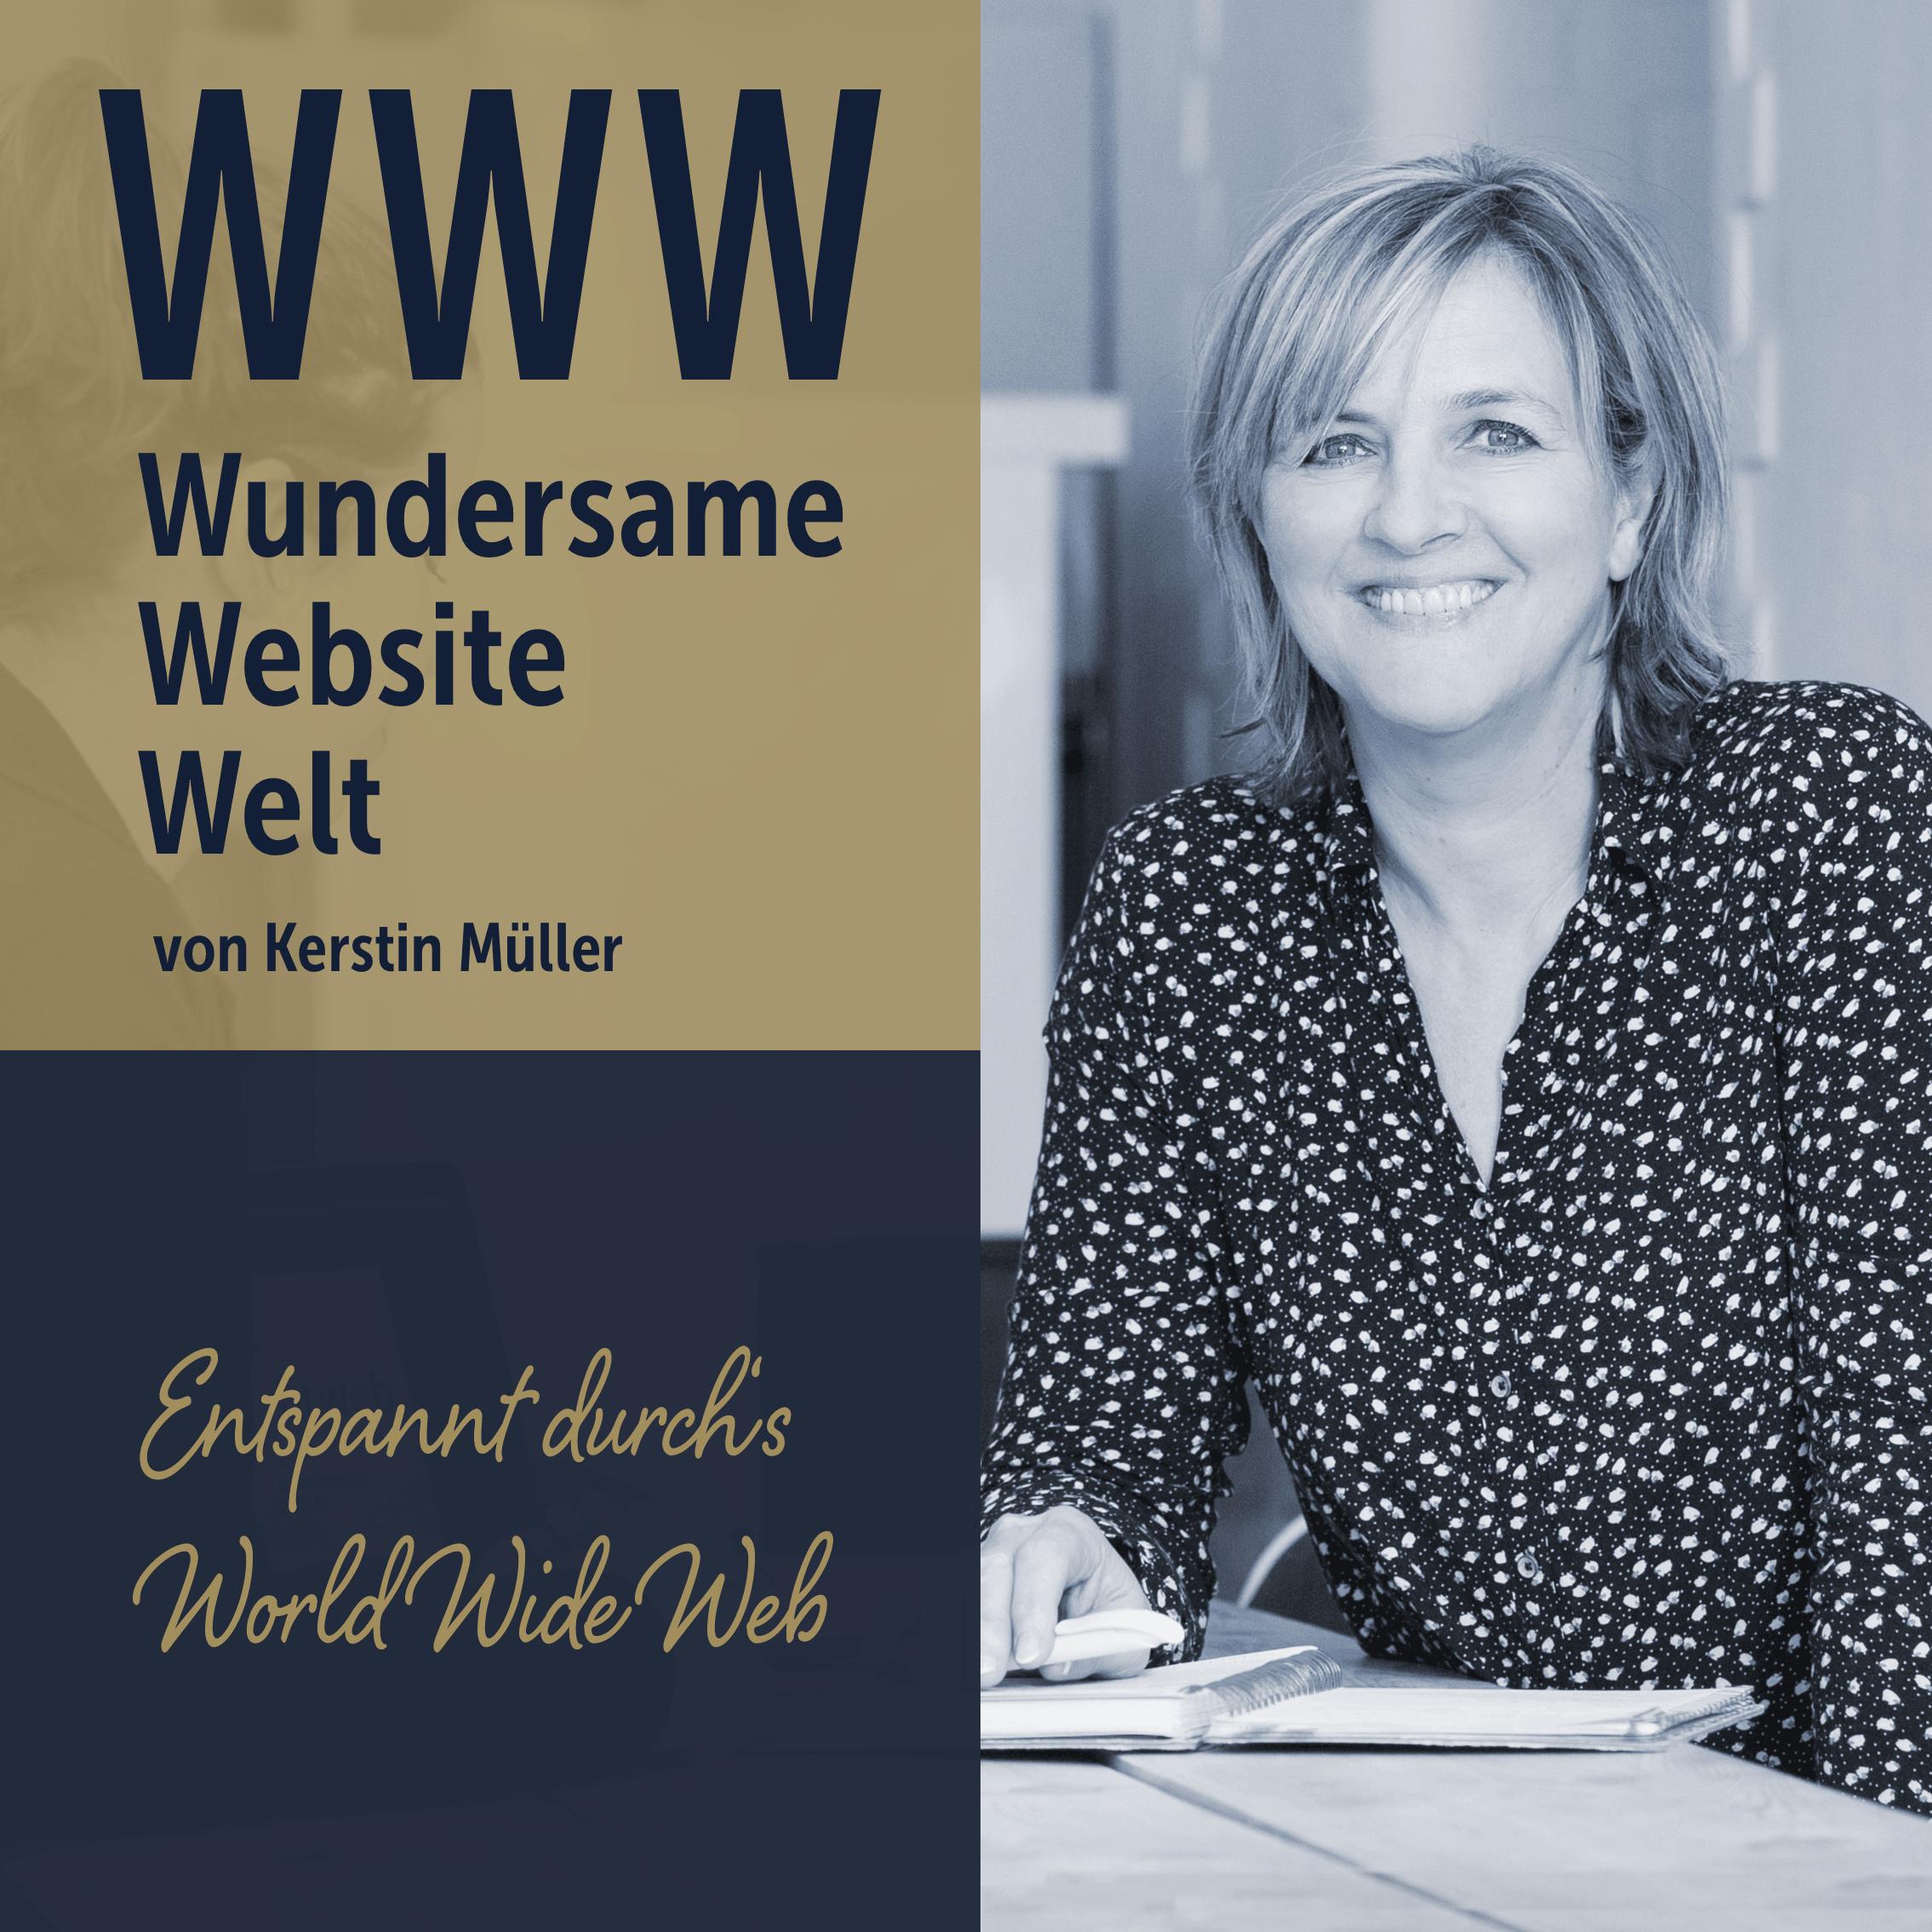 WWW Wundersame Website Welt. Entspannt durchs World Wide Web.